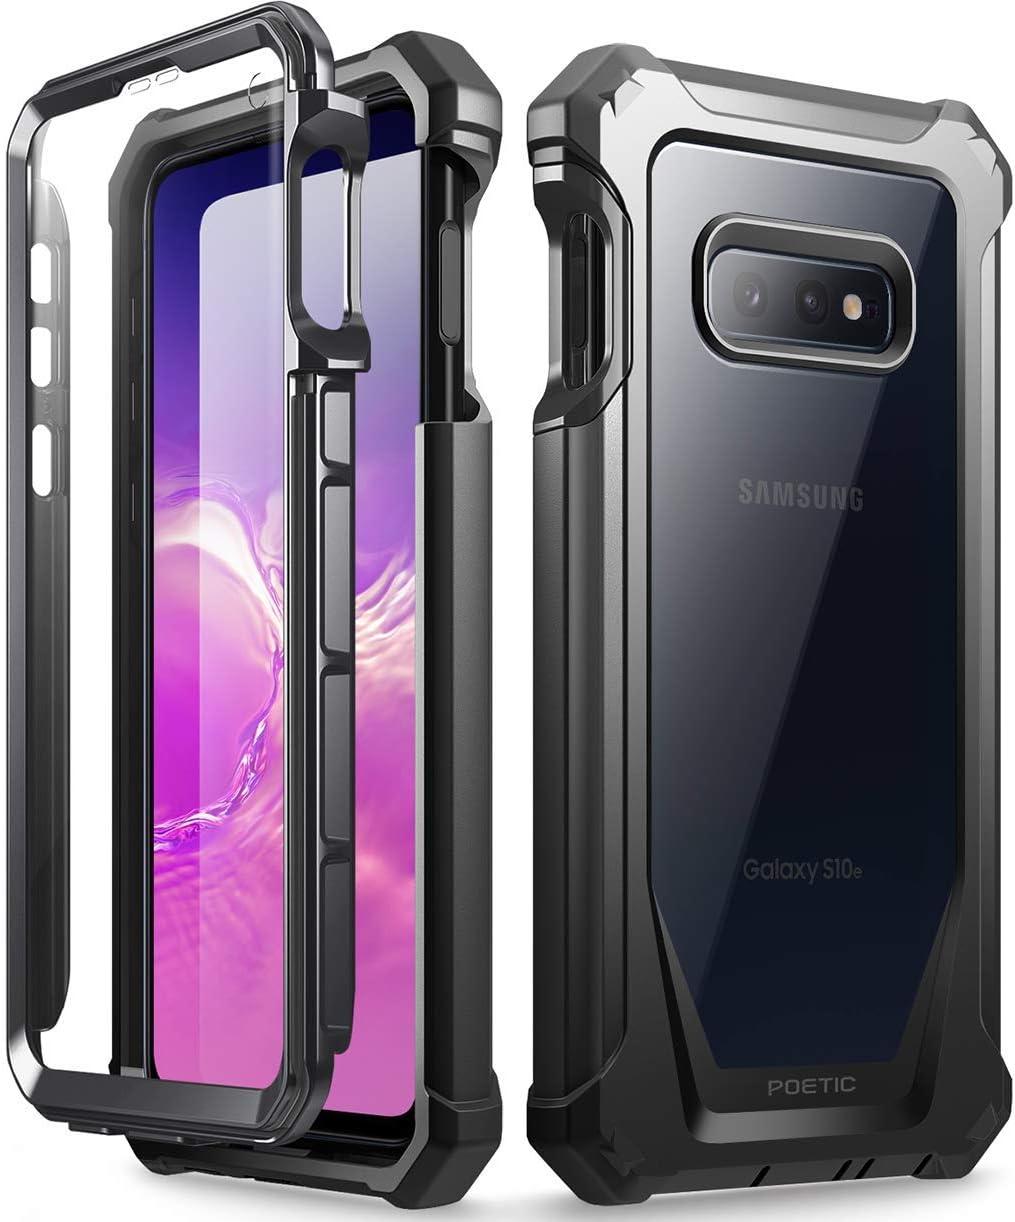 Resistente a los Rayones Negra Cuerpo Robusto H/íbrida y Protector de Pantalla para Samsung Galaxy S10e Poetic Funda Galaxy S10e Carcasa Guardi/án para Samsung Galaxy S10e